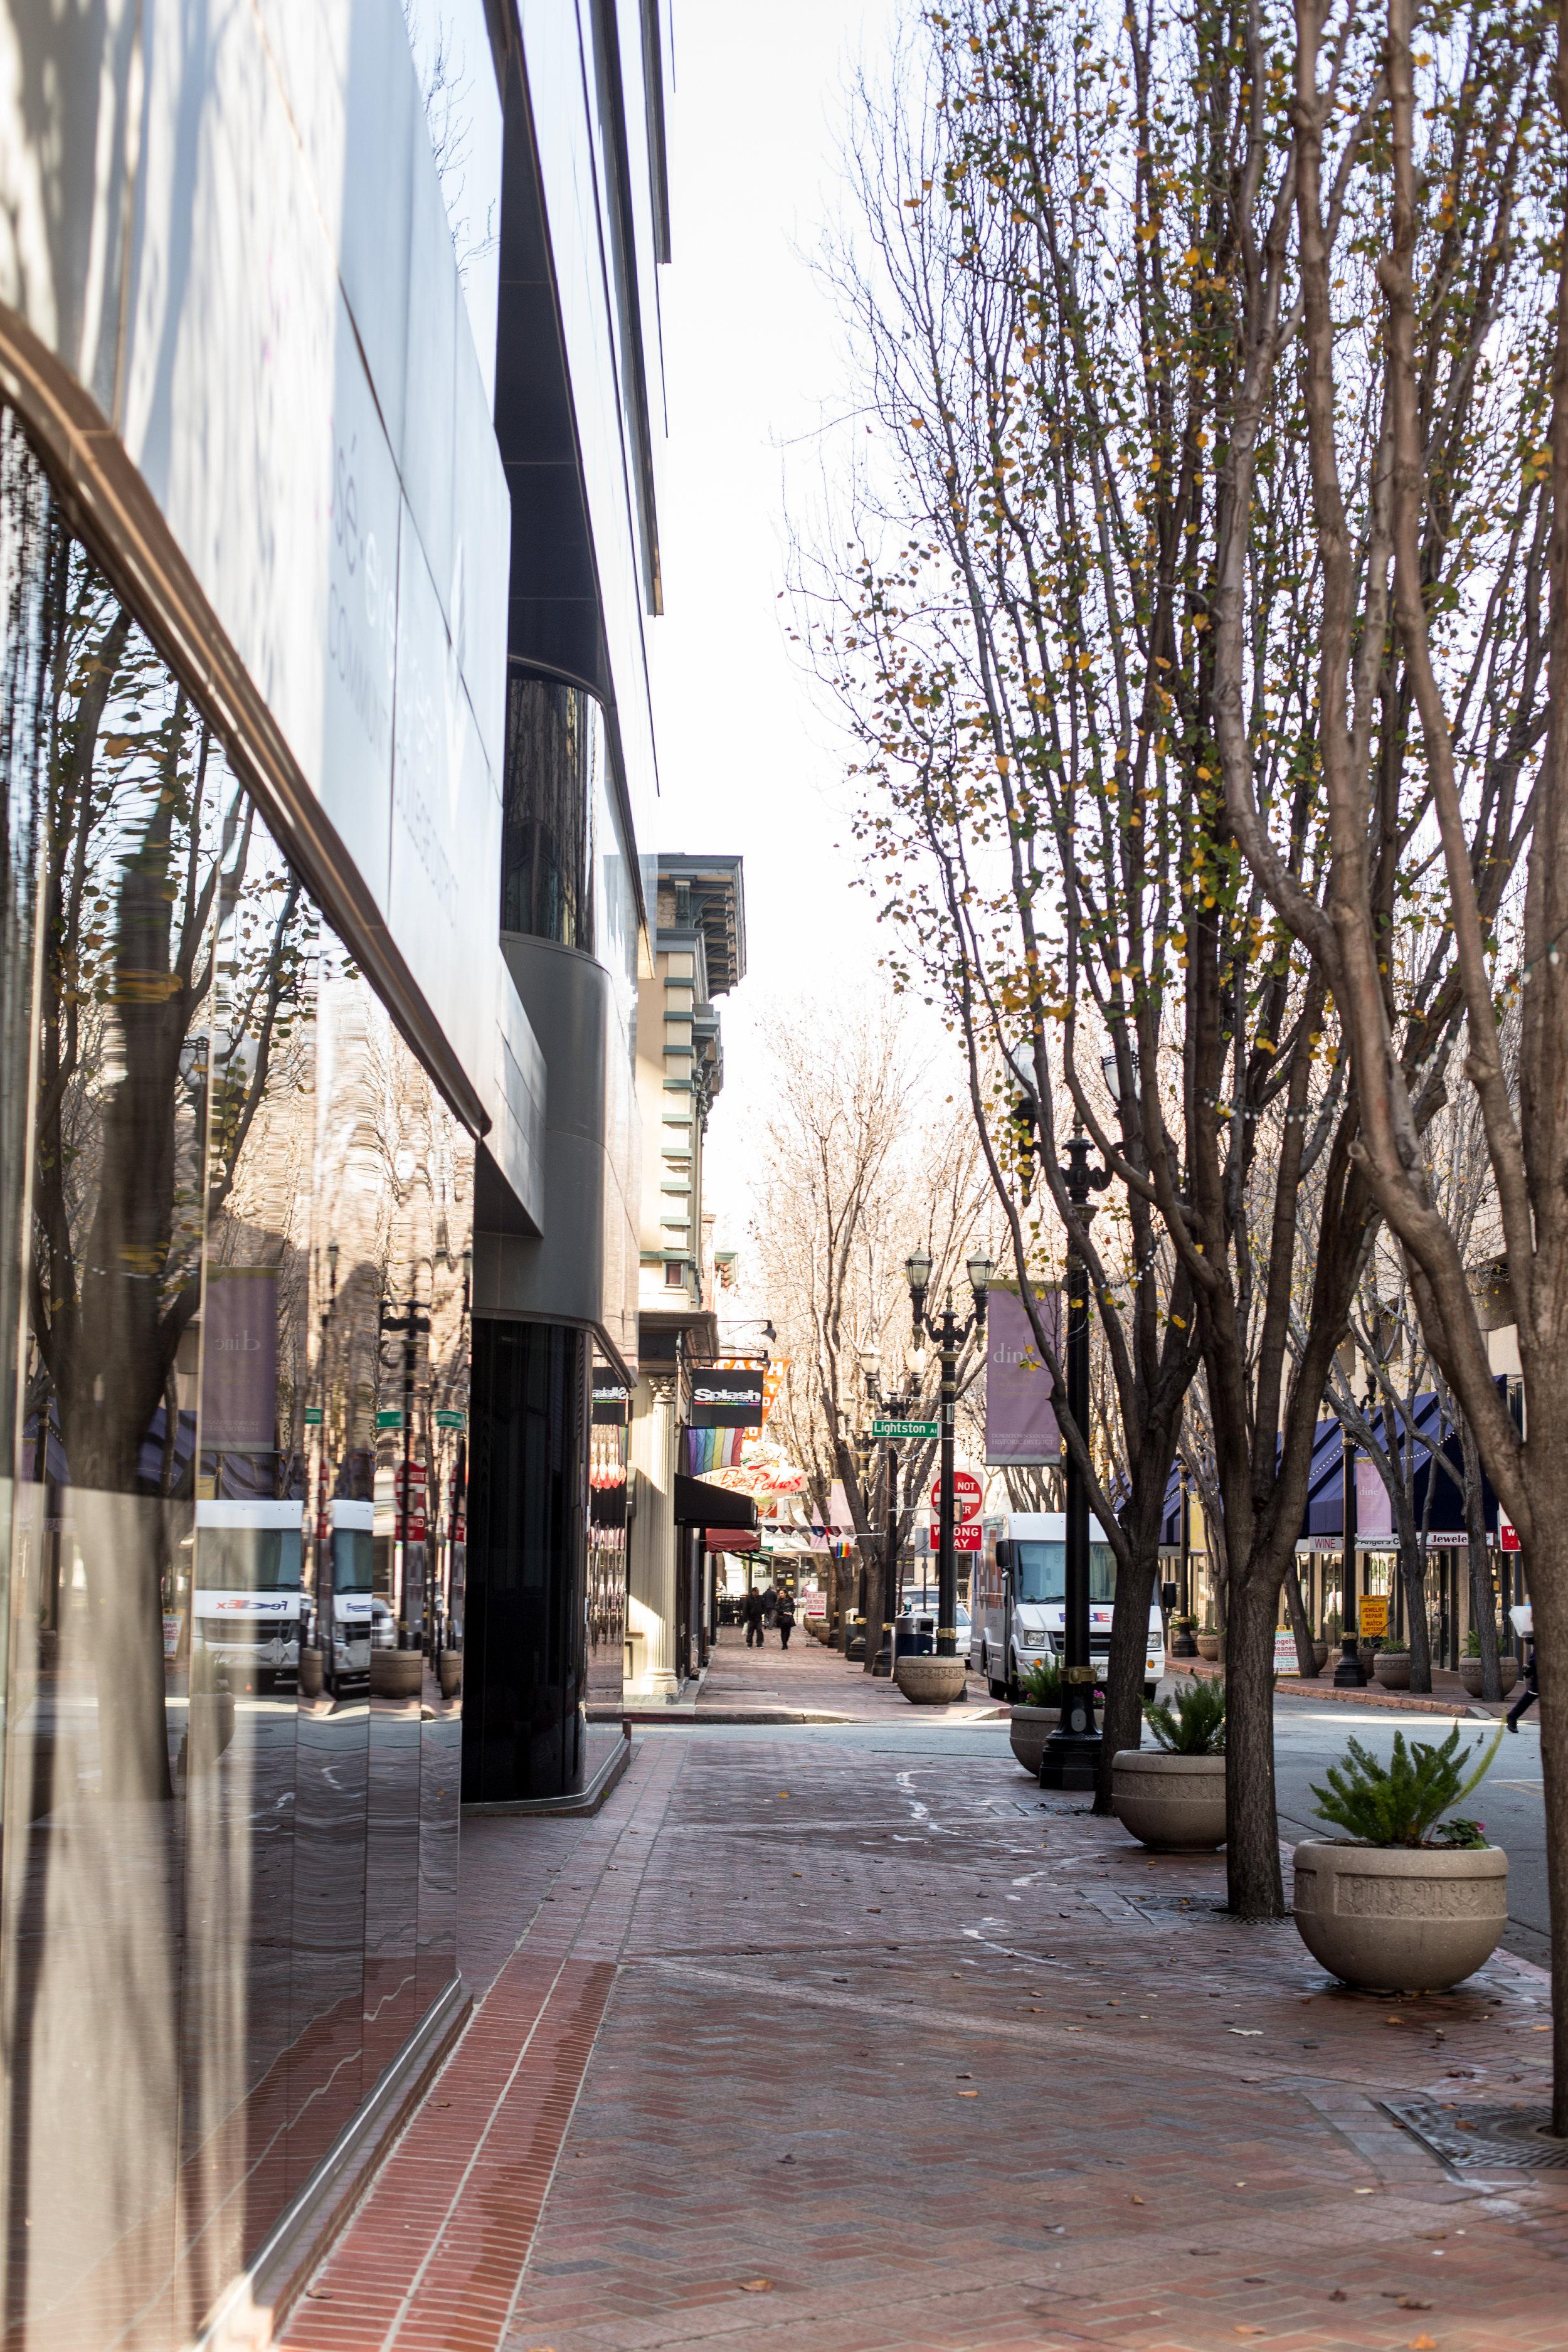 San Jose walkway in downtown